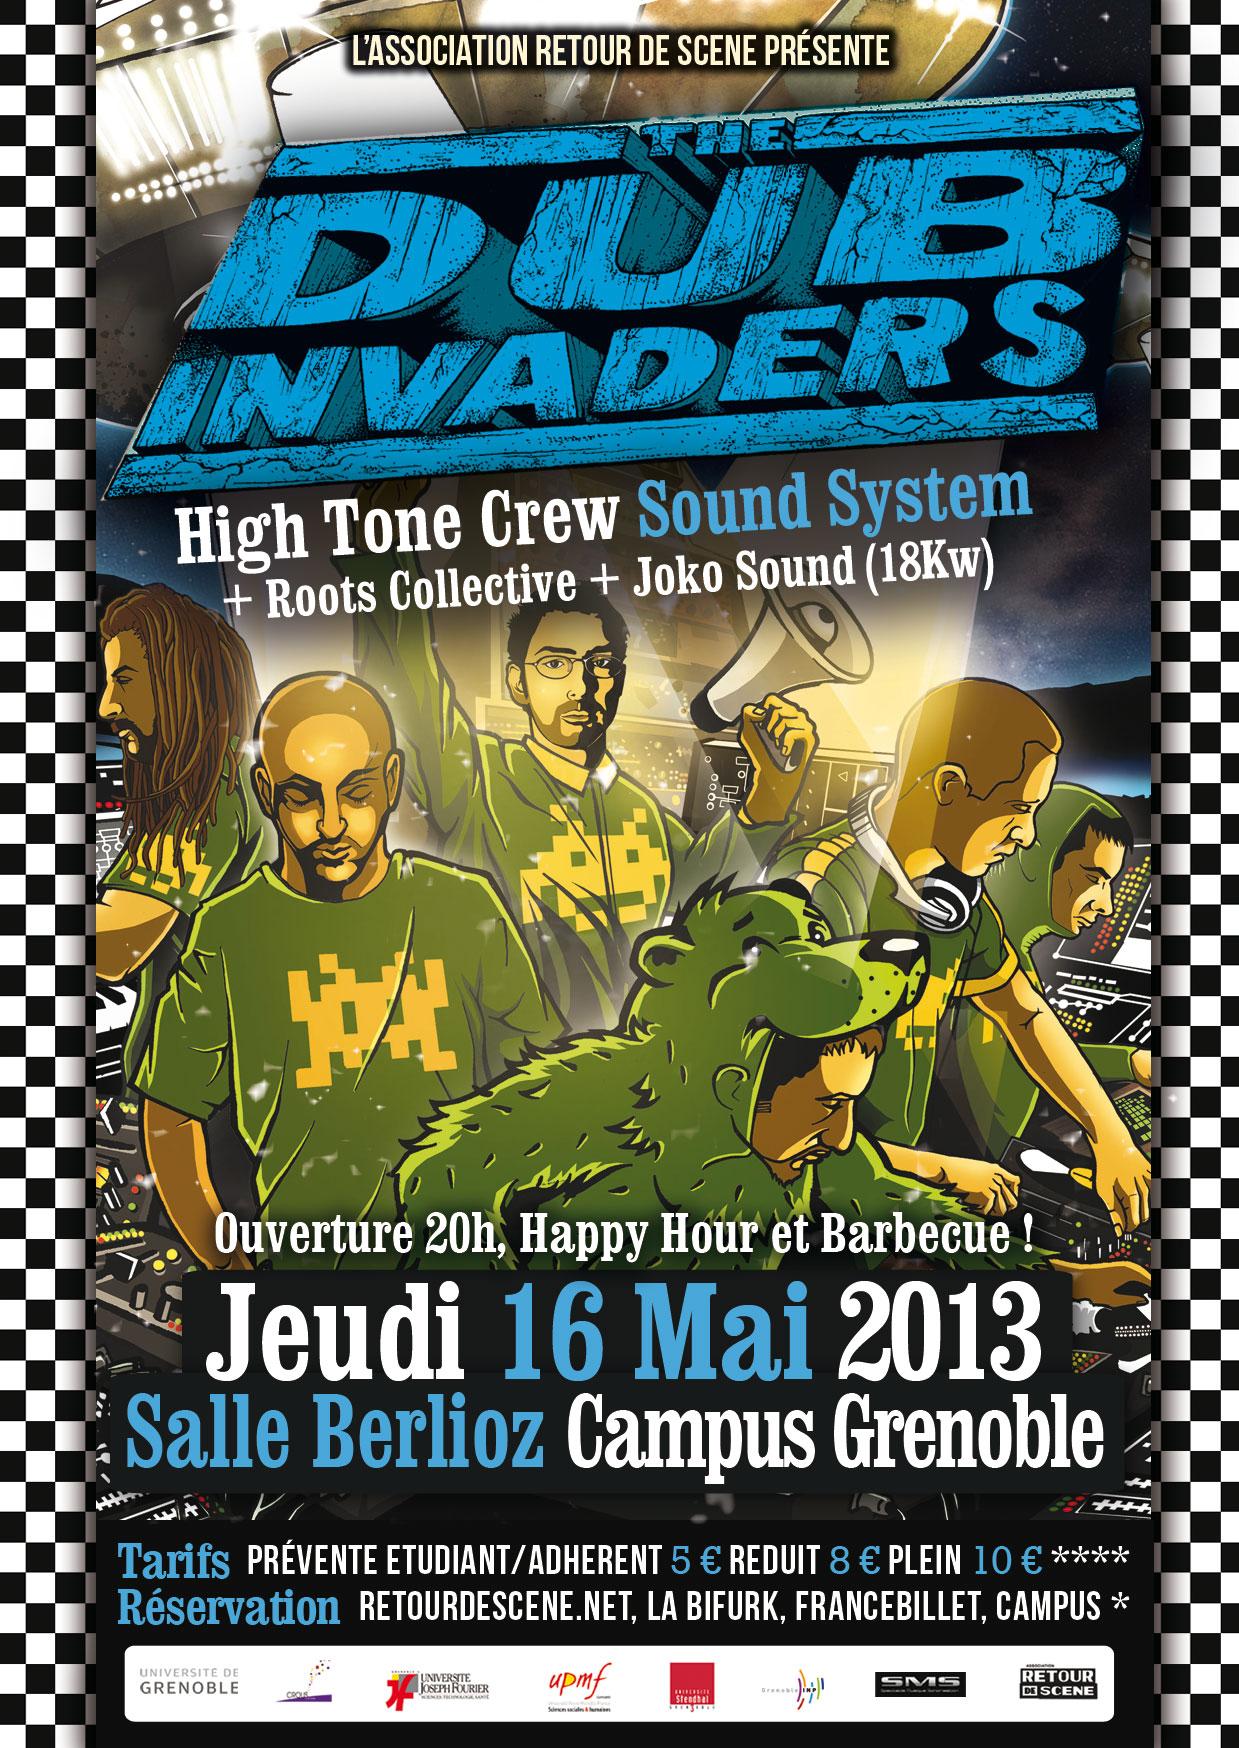 Dub Invaders - Berlioz Campus - 16/05/2013